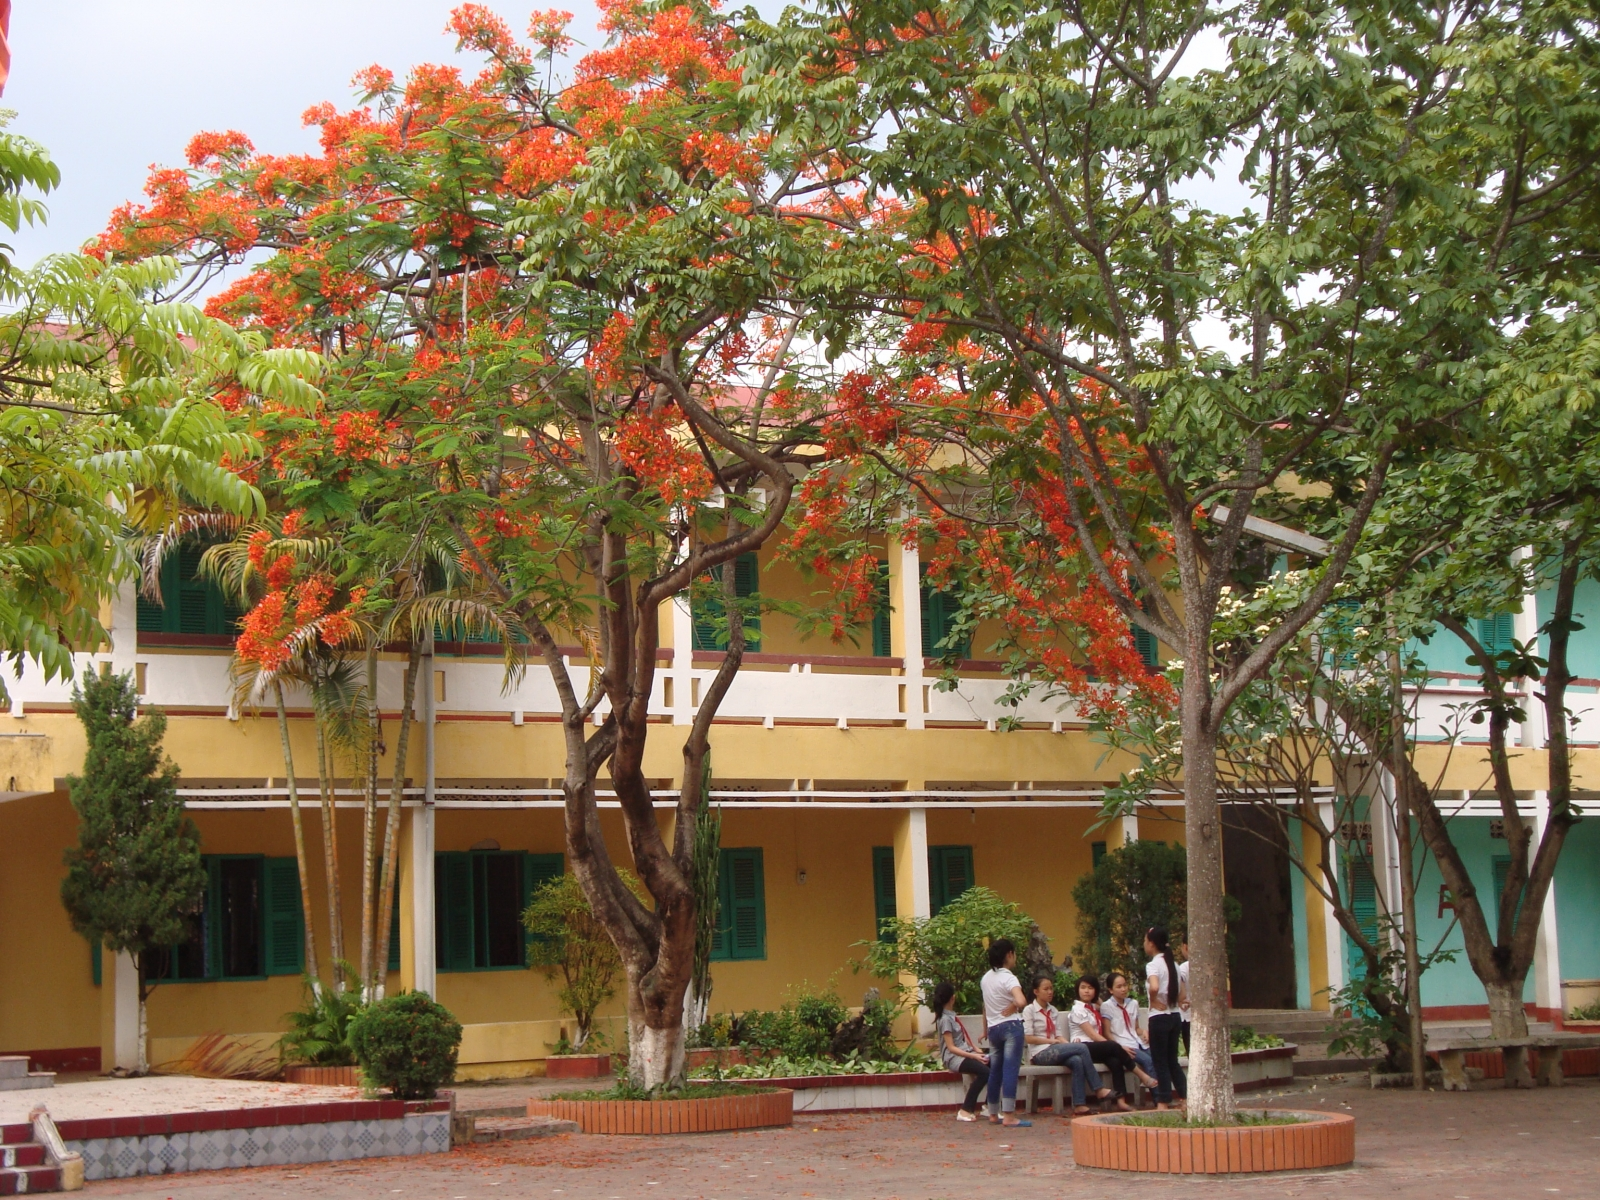 Cay-phuong-vi-bieu-tuong-gan-lien-voi-tuoi-hoc-tro-2